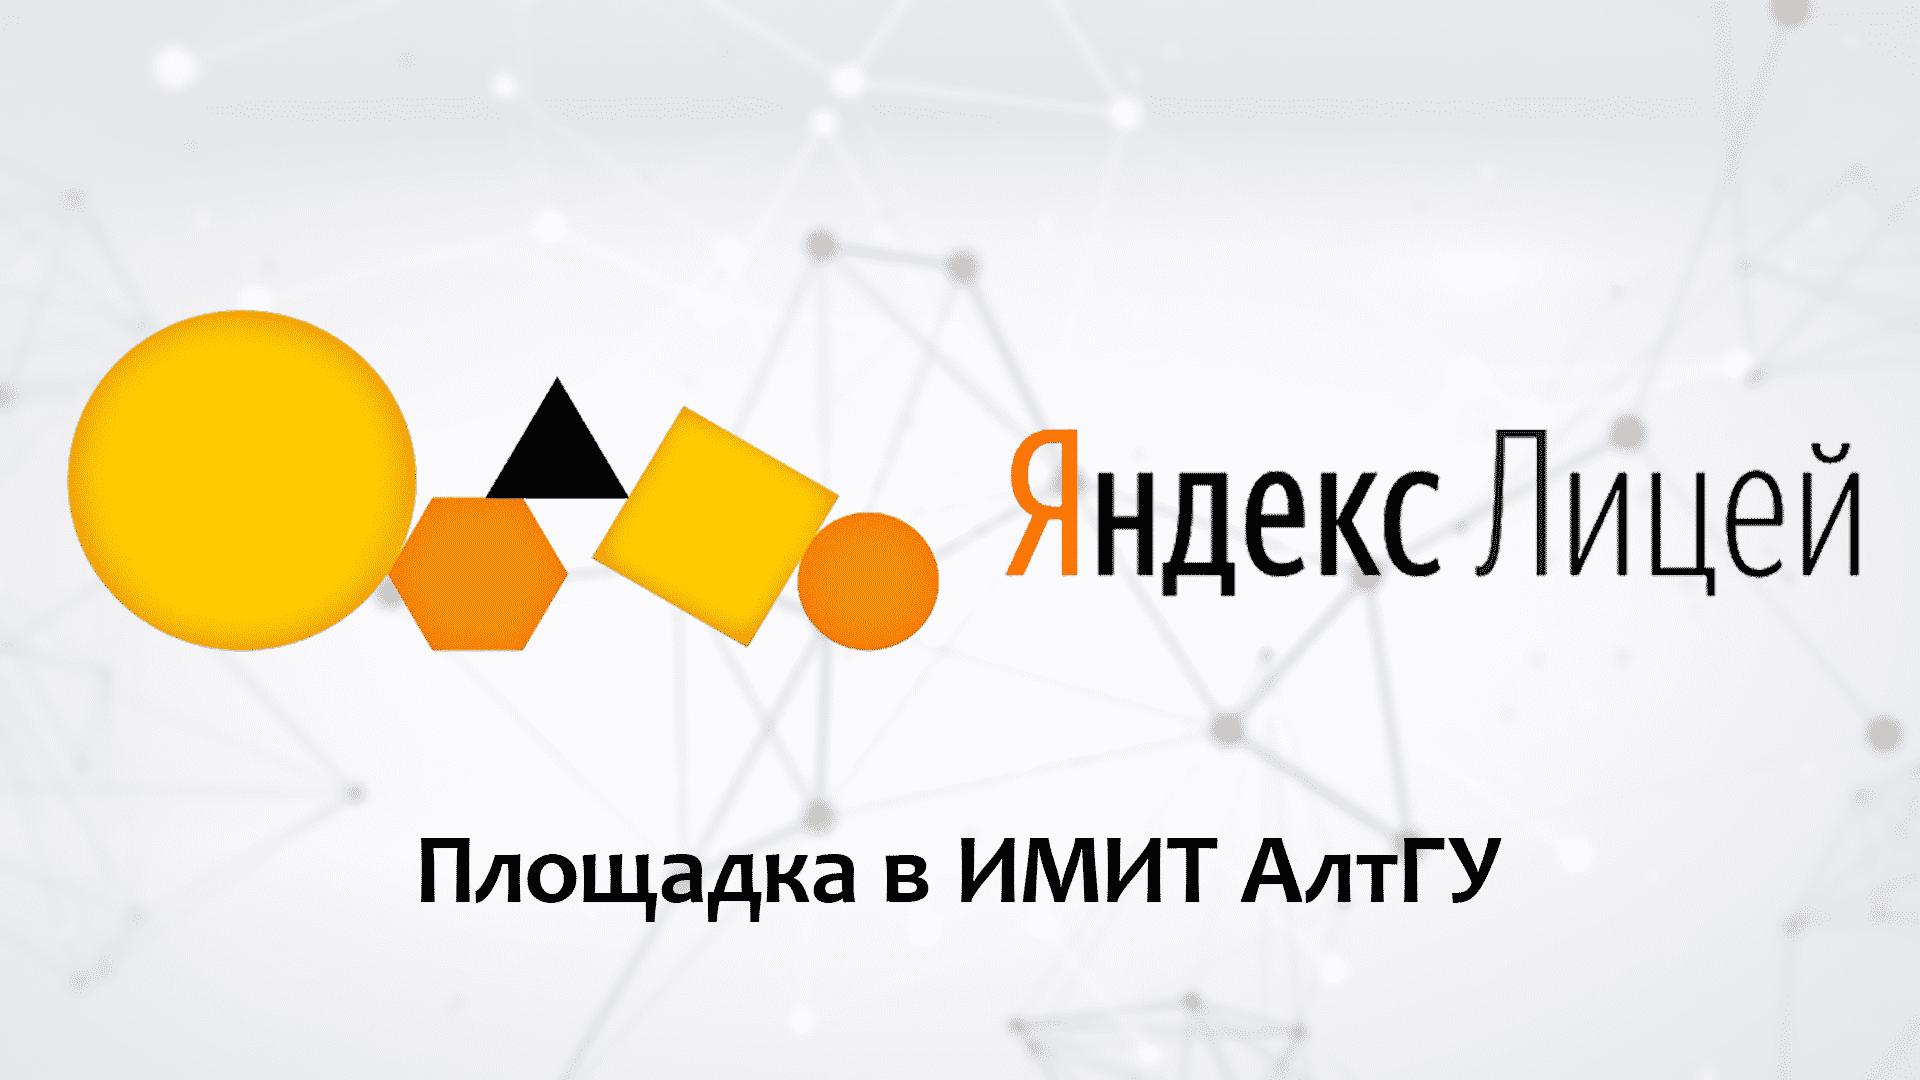 Площадка Яндекс.Лицей в ИМИТ АлтГУ